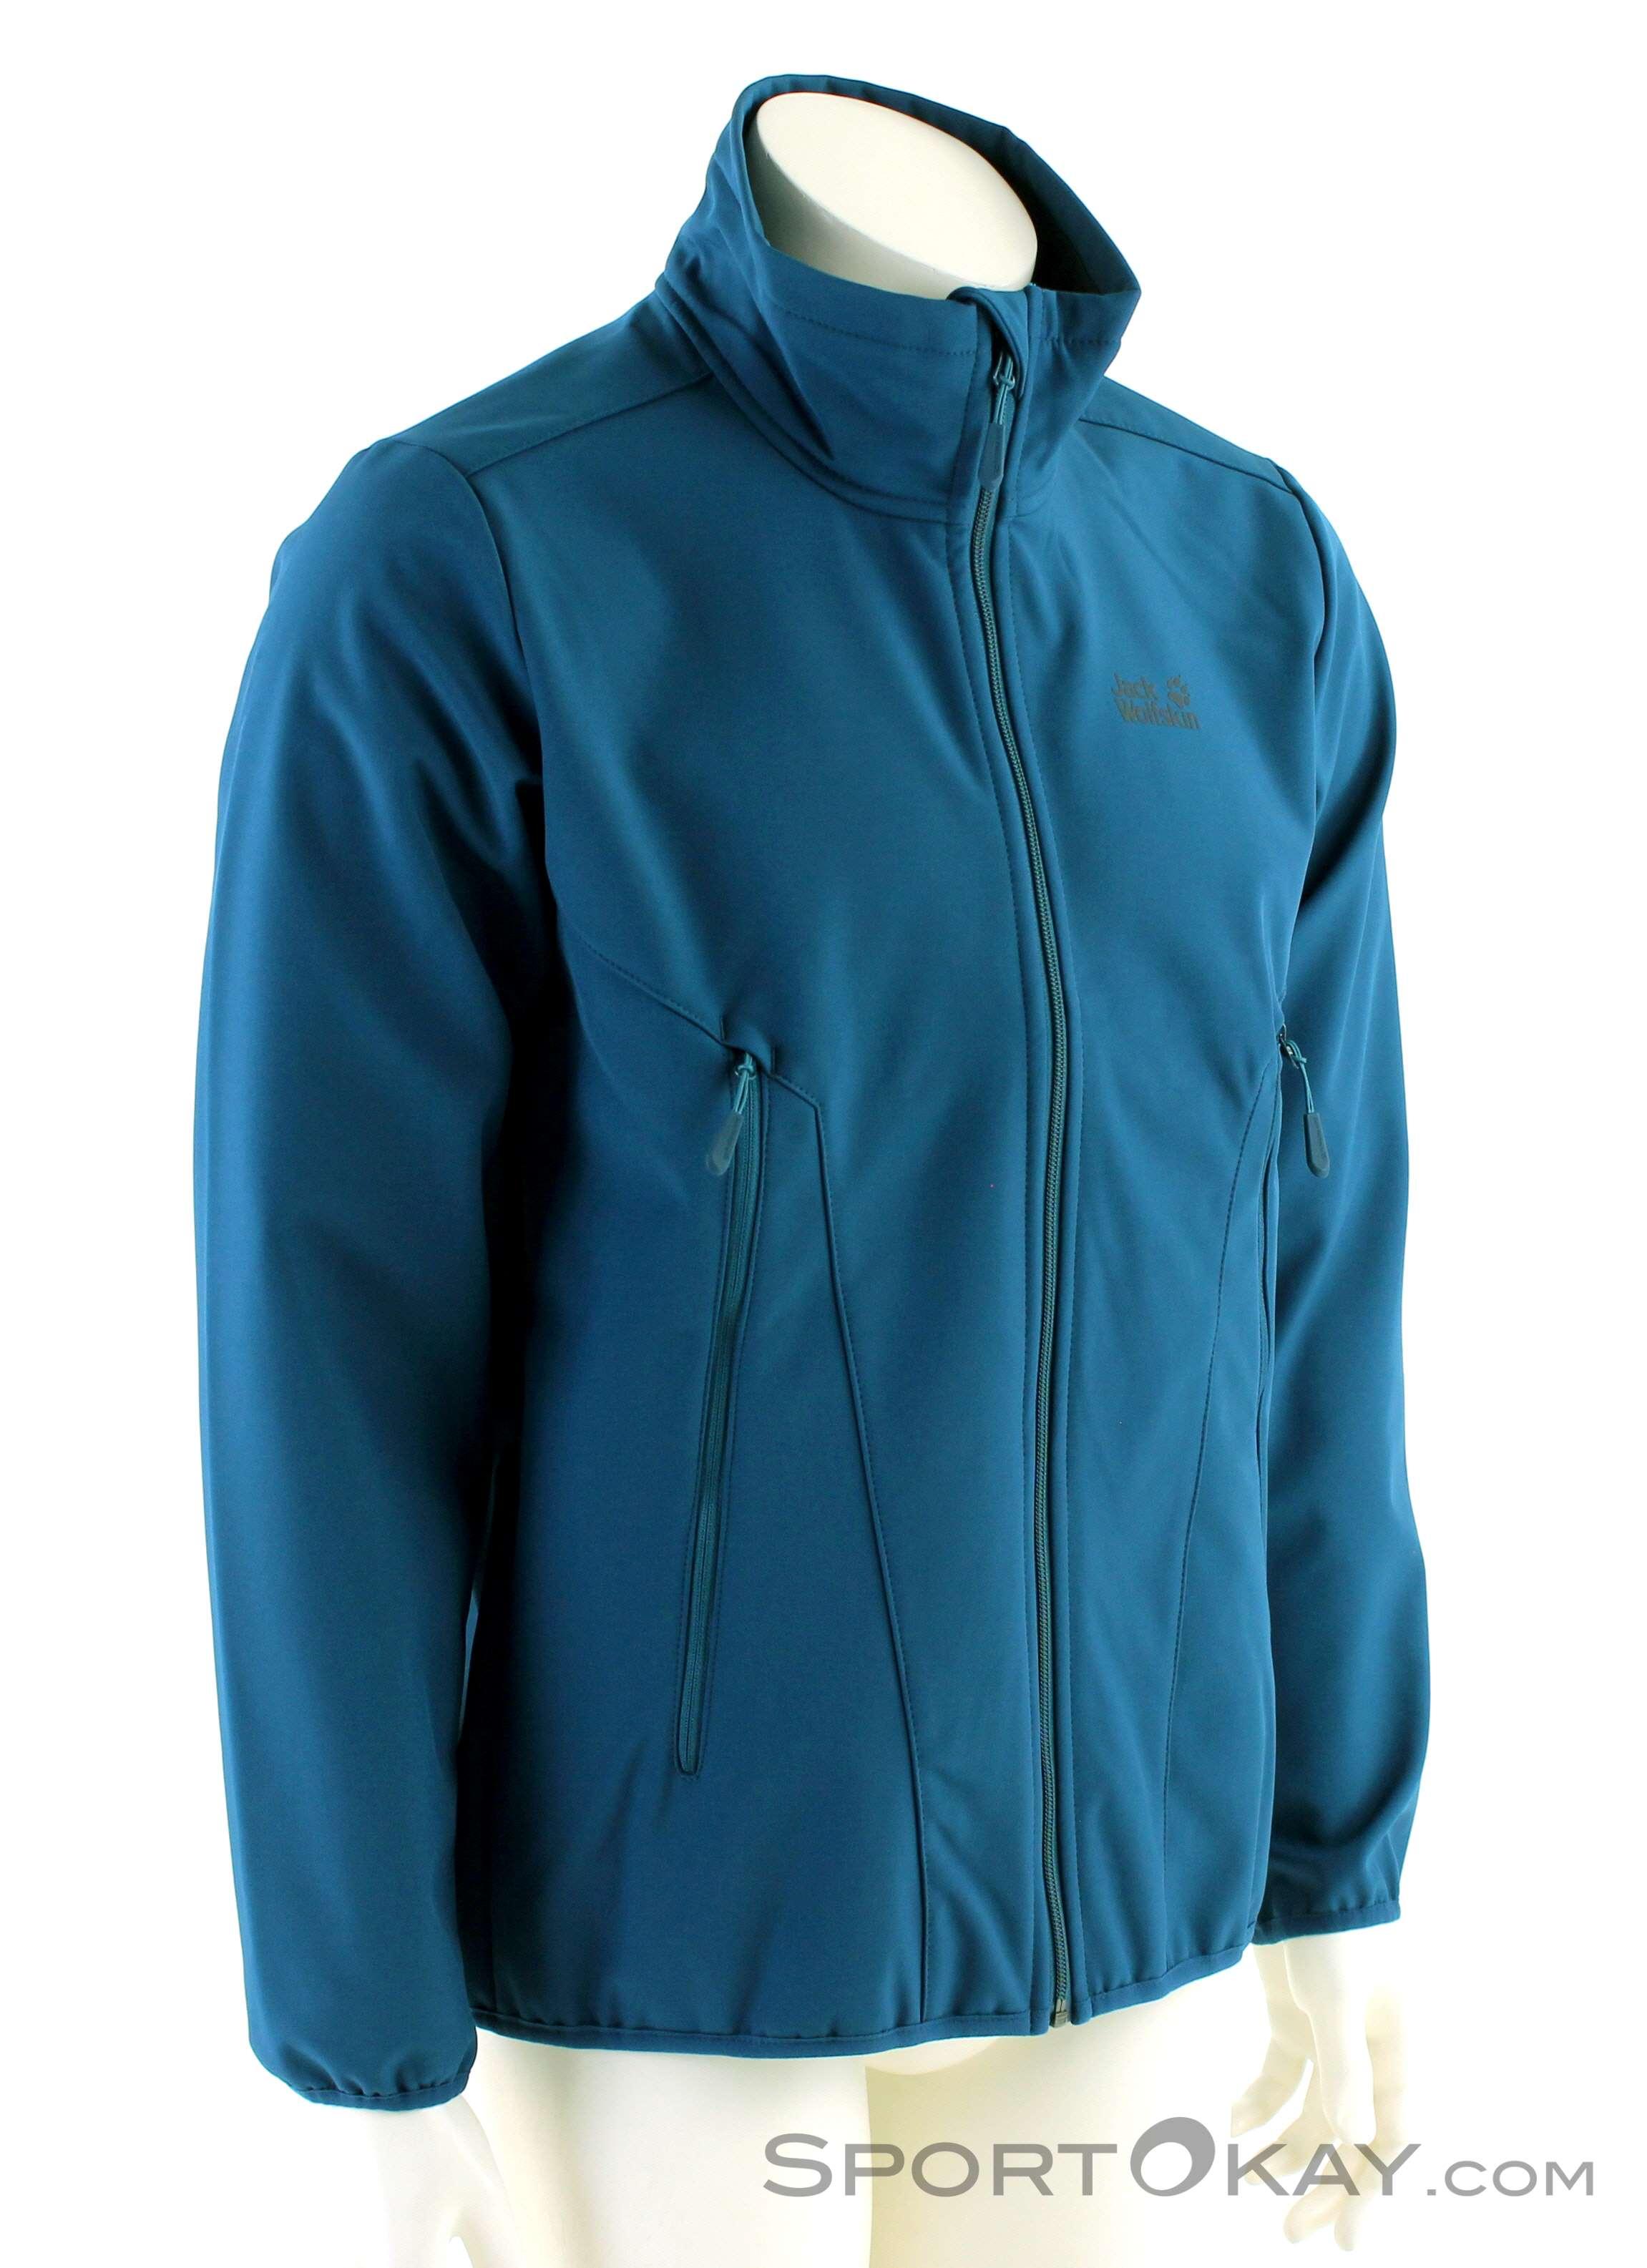 best authentic 575e8 160c3 Jack Wolfskin Jack Wolfskin Northern Pass Jacket Herren Outdoorjacke